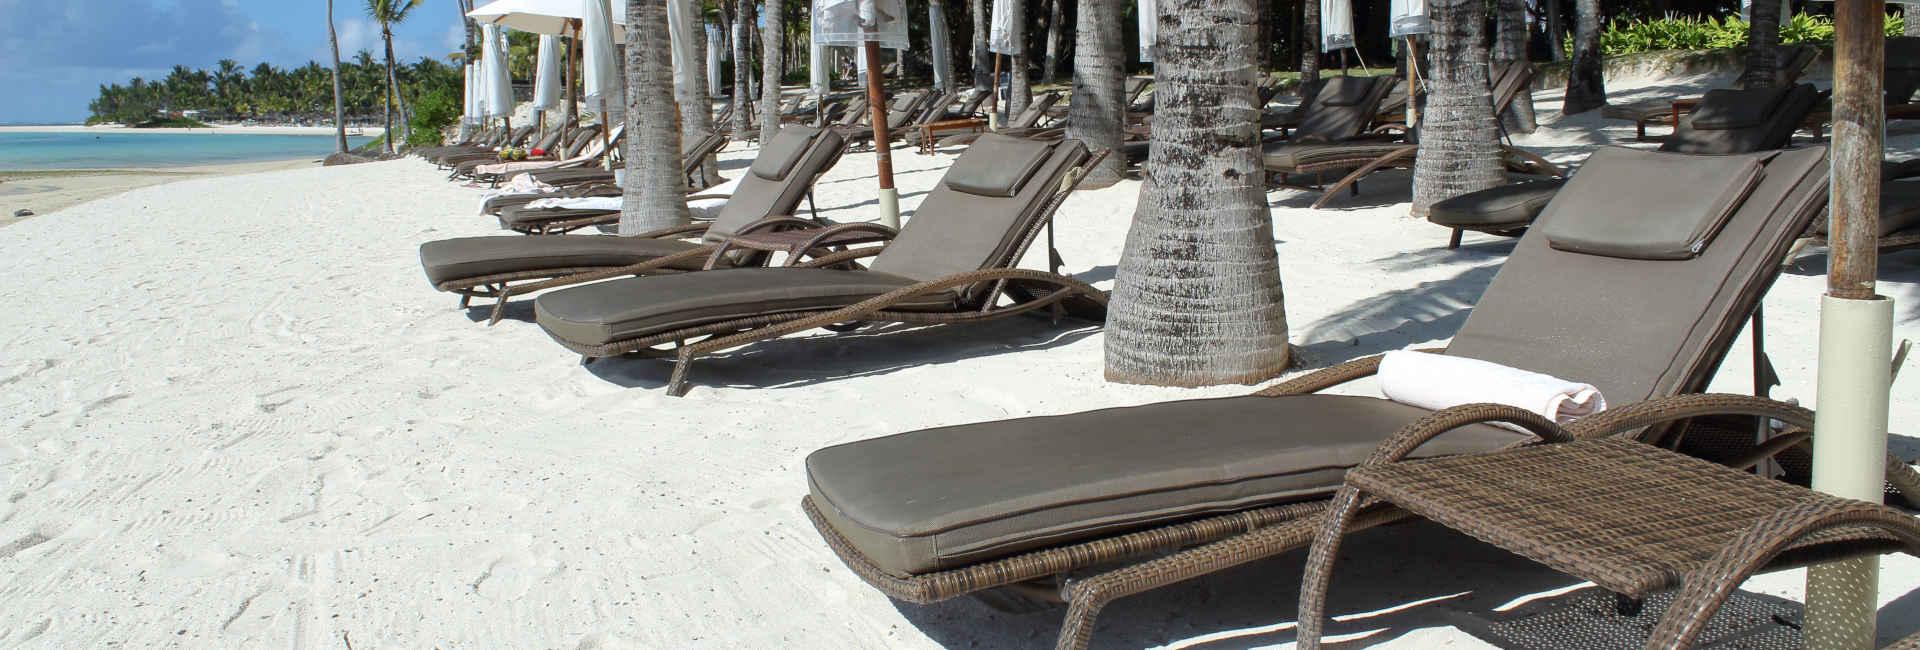 Hôtel sur la plage à Maurice